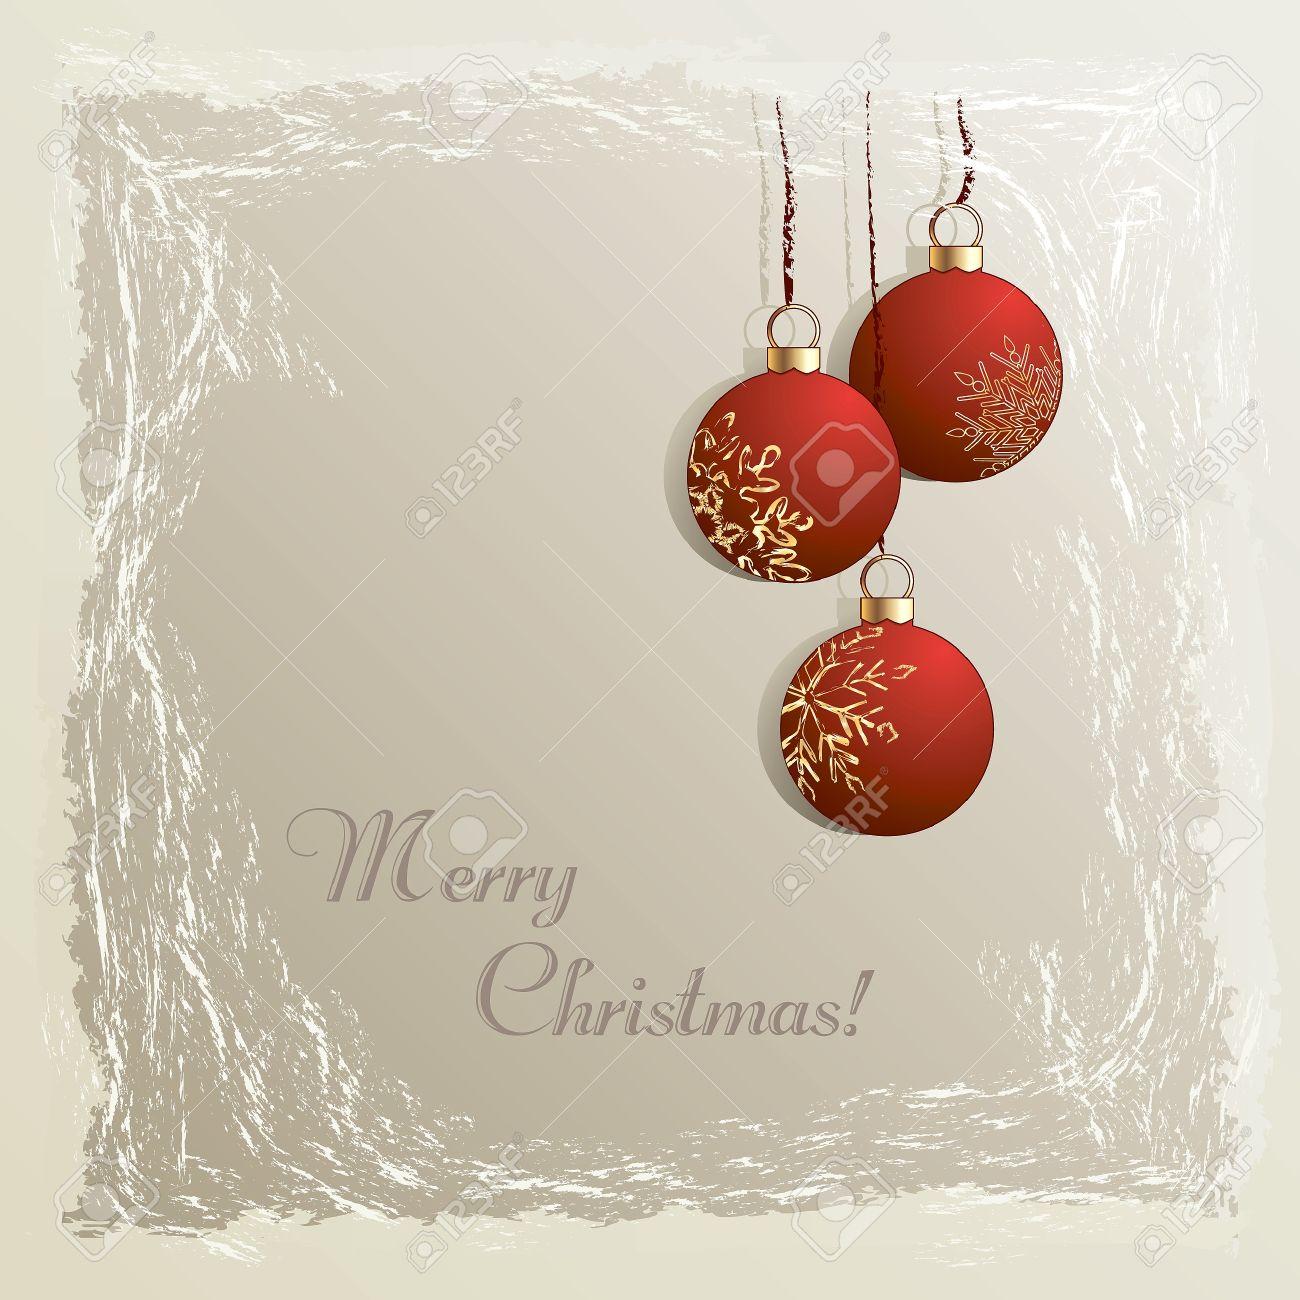 foto de archivo navidad cosecha de fondo con adornos colgantes de color rojo en el fotograma congelado